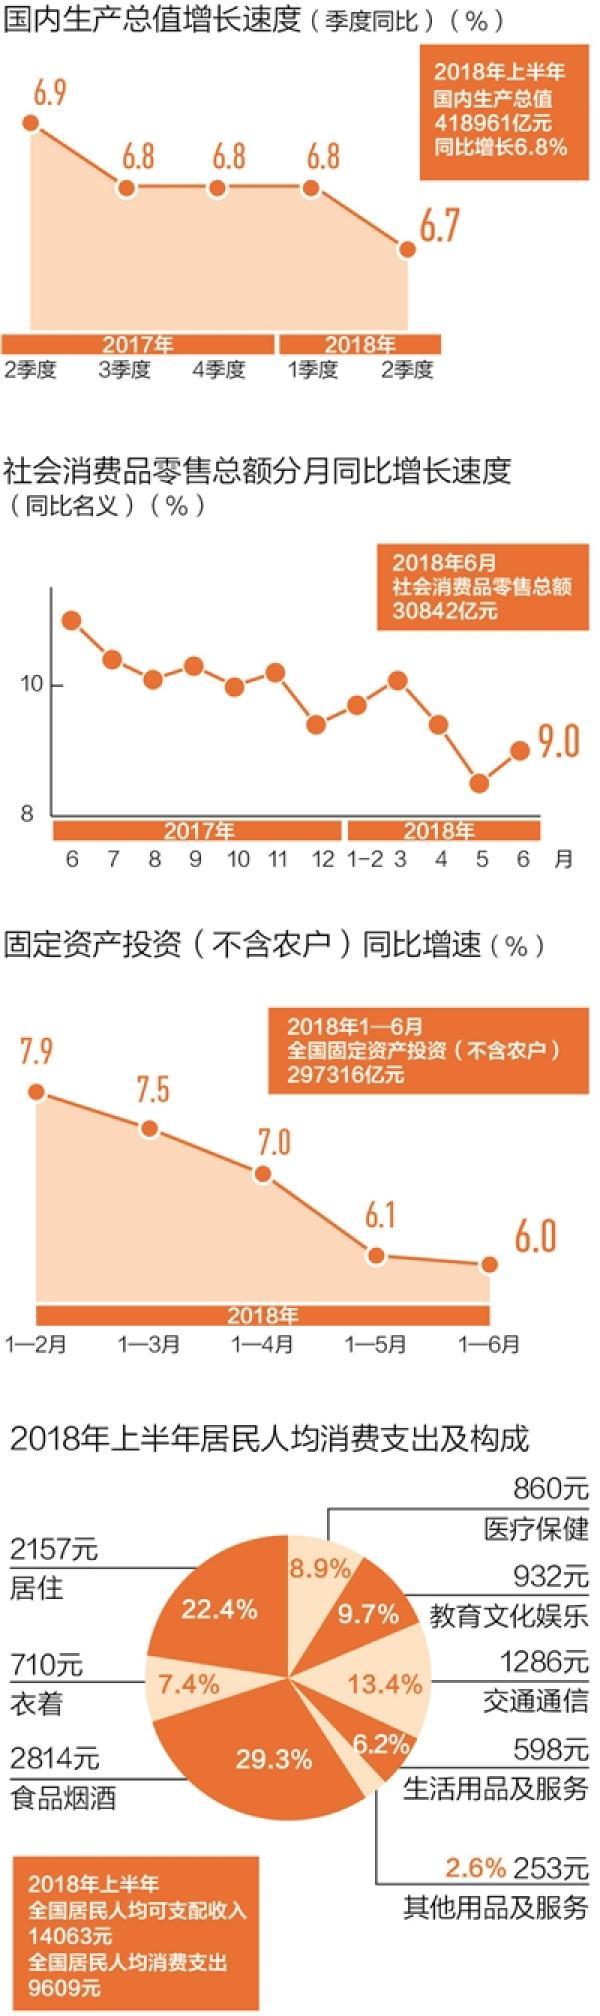 连续12个季度稳定在中高速区间,中国经济:稳中向好韧性强